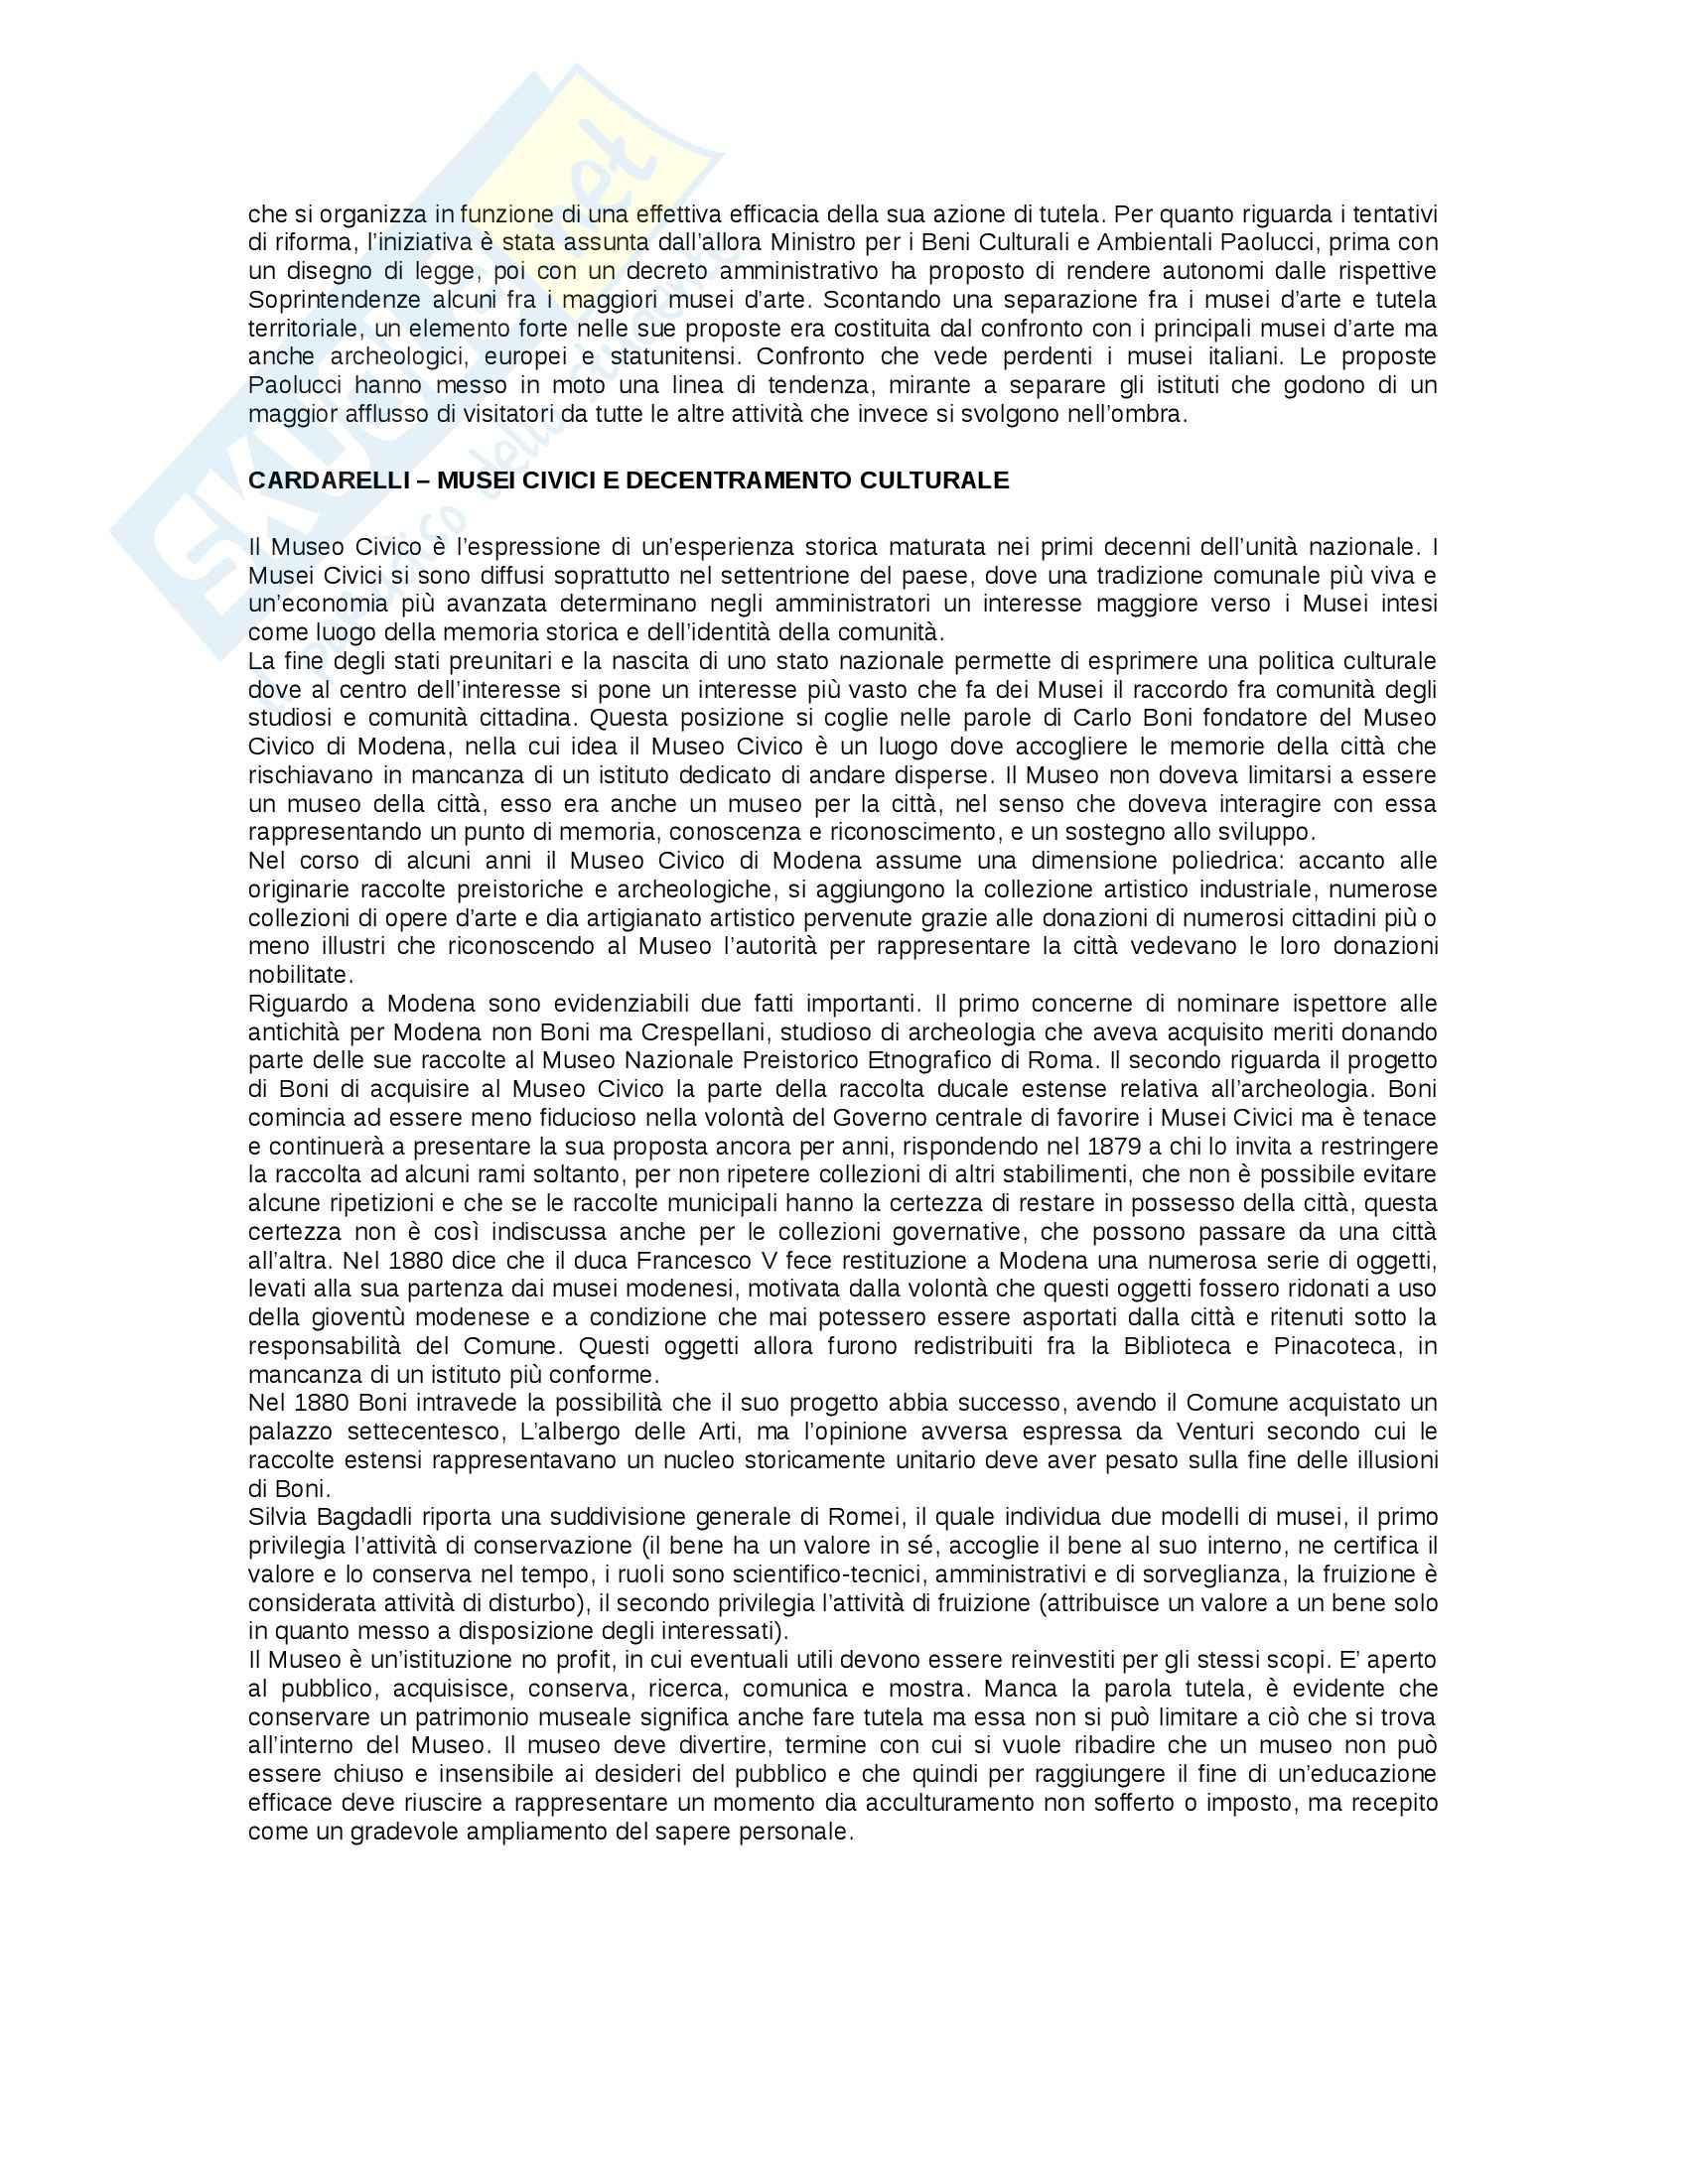 Riassunto esame Museologia, prof. Gioia Pag. 6